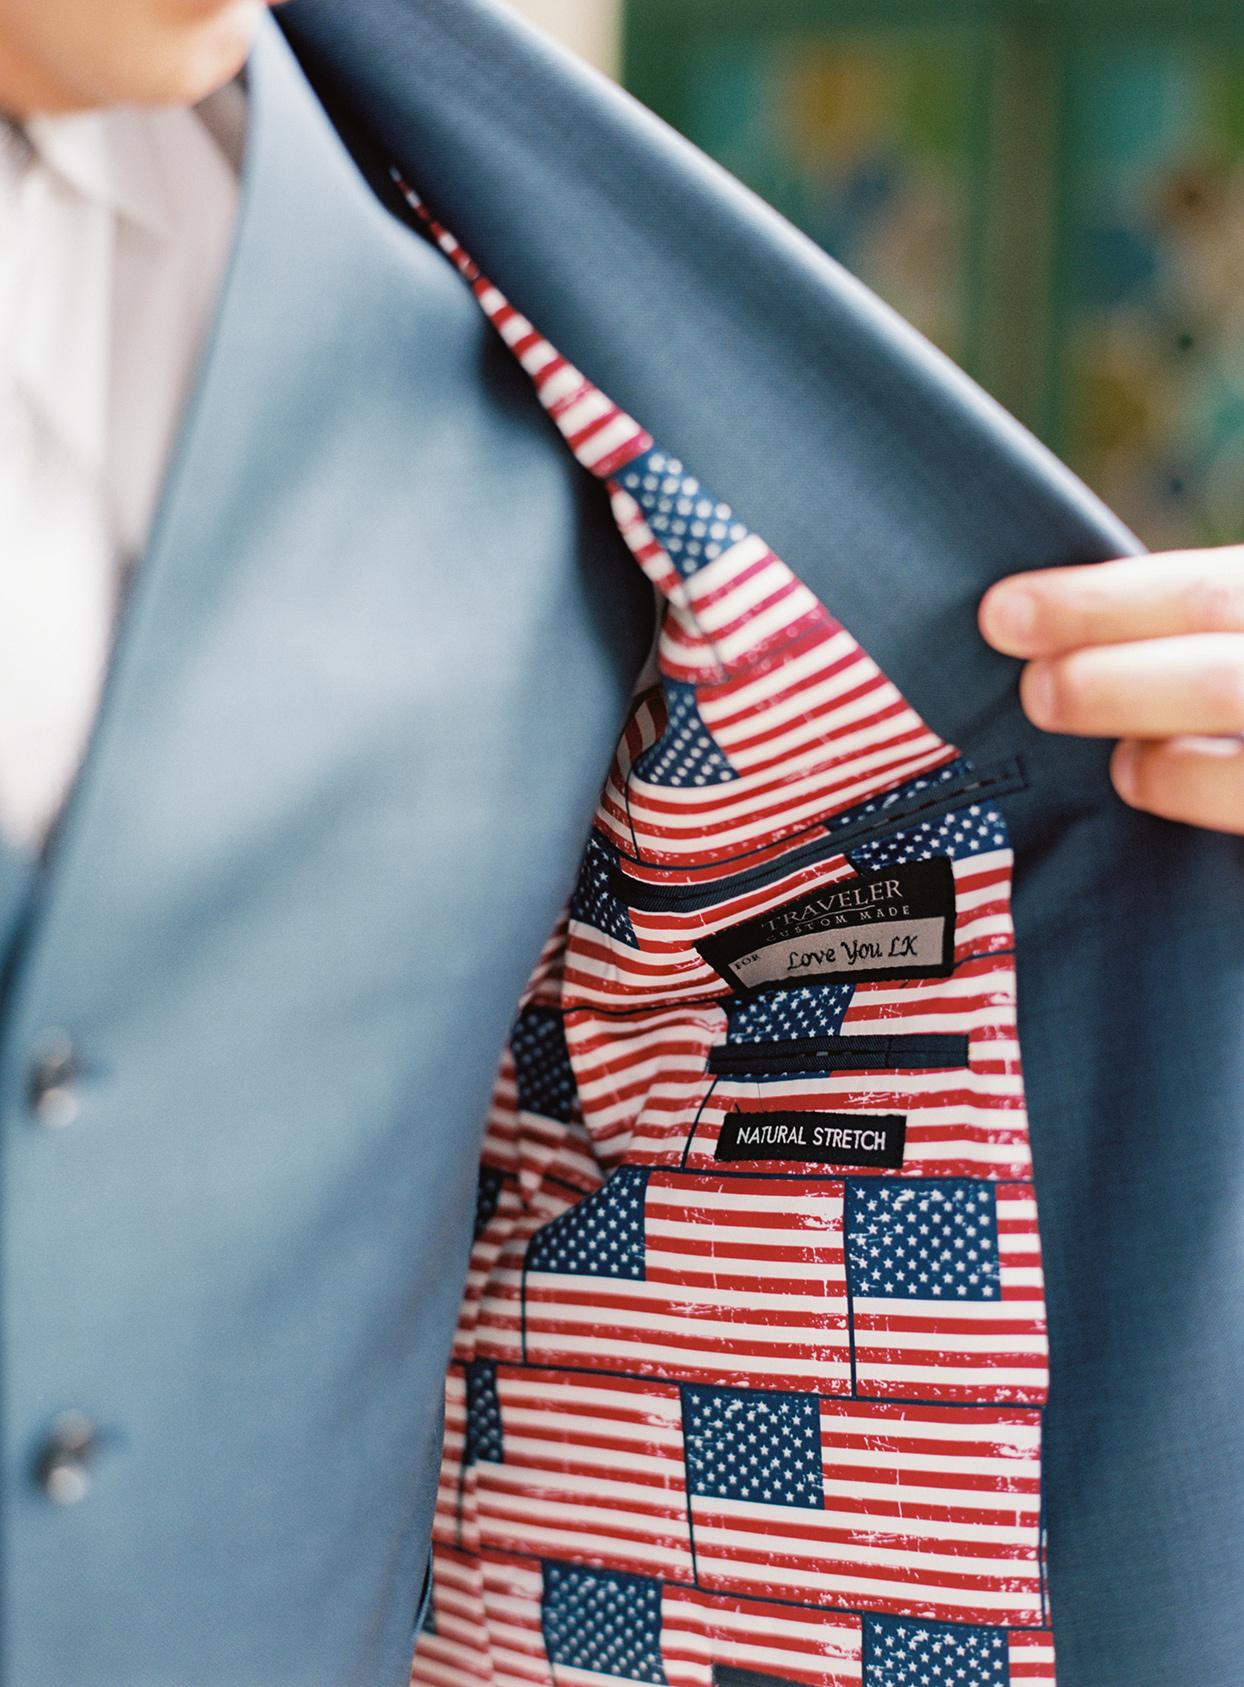 lauren chris wedding groom's american flag suit lining